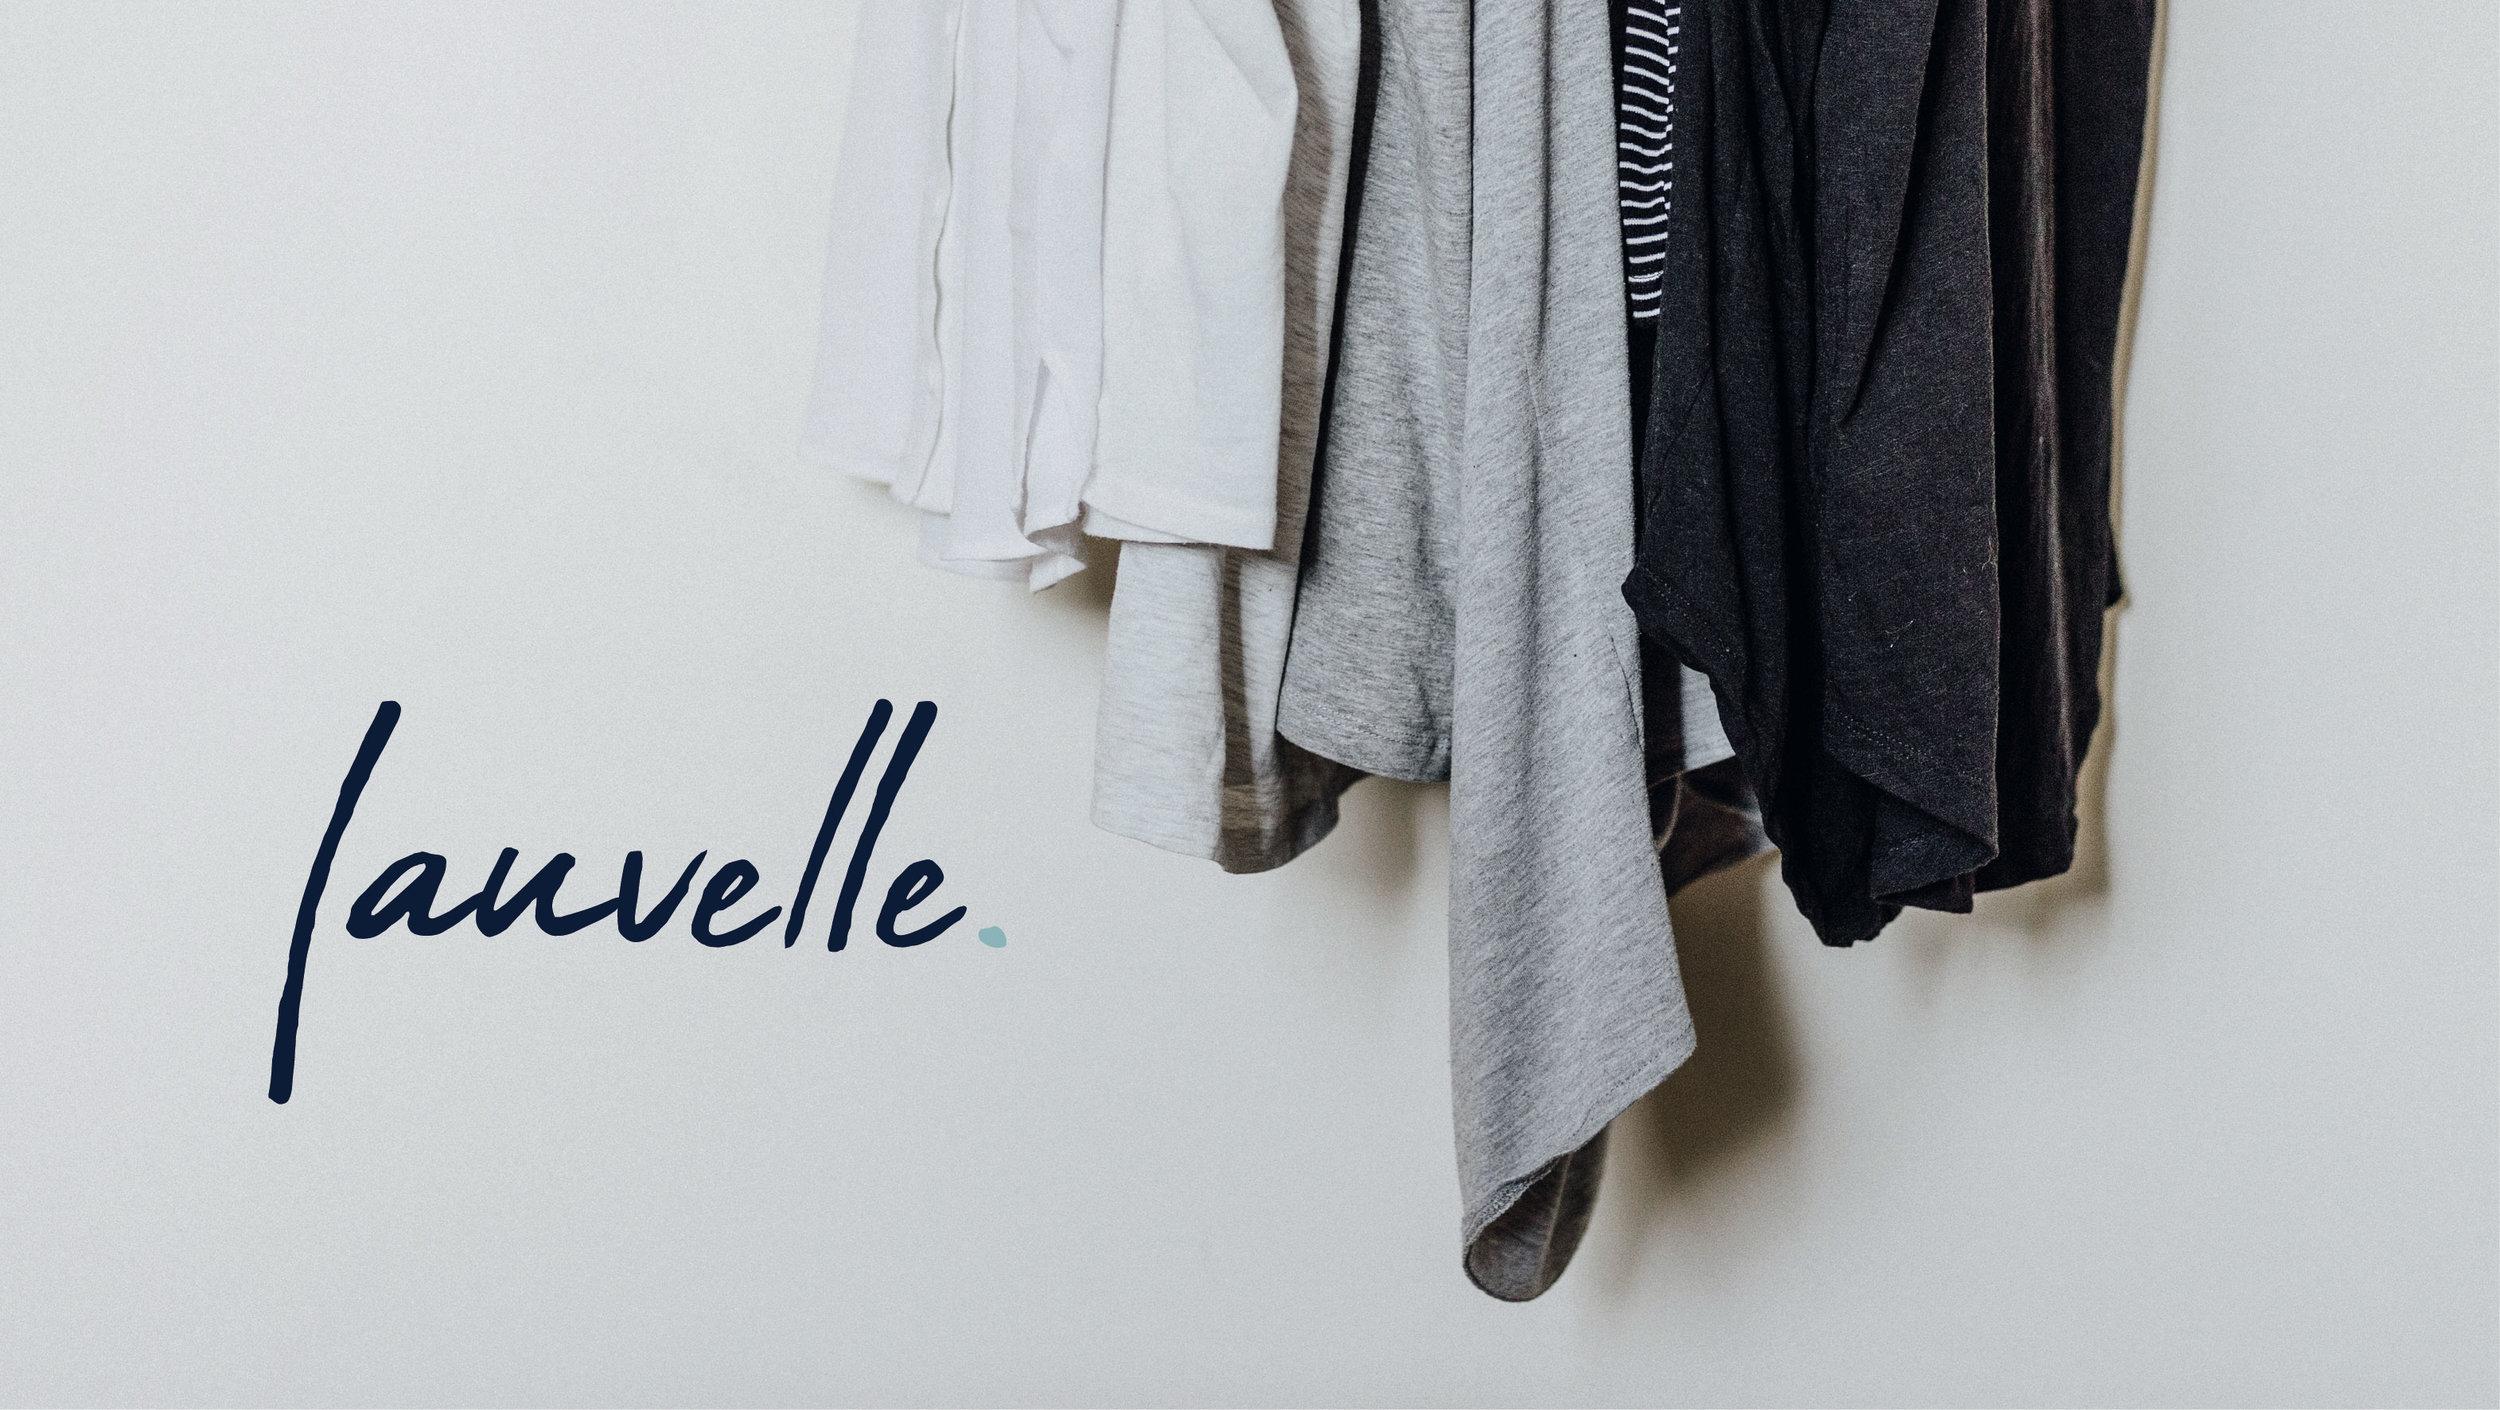 kretz+partners_fauvelle_1.jpg